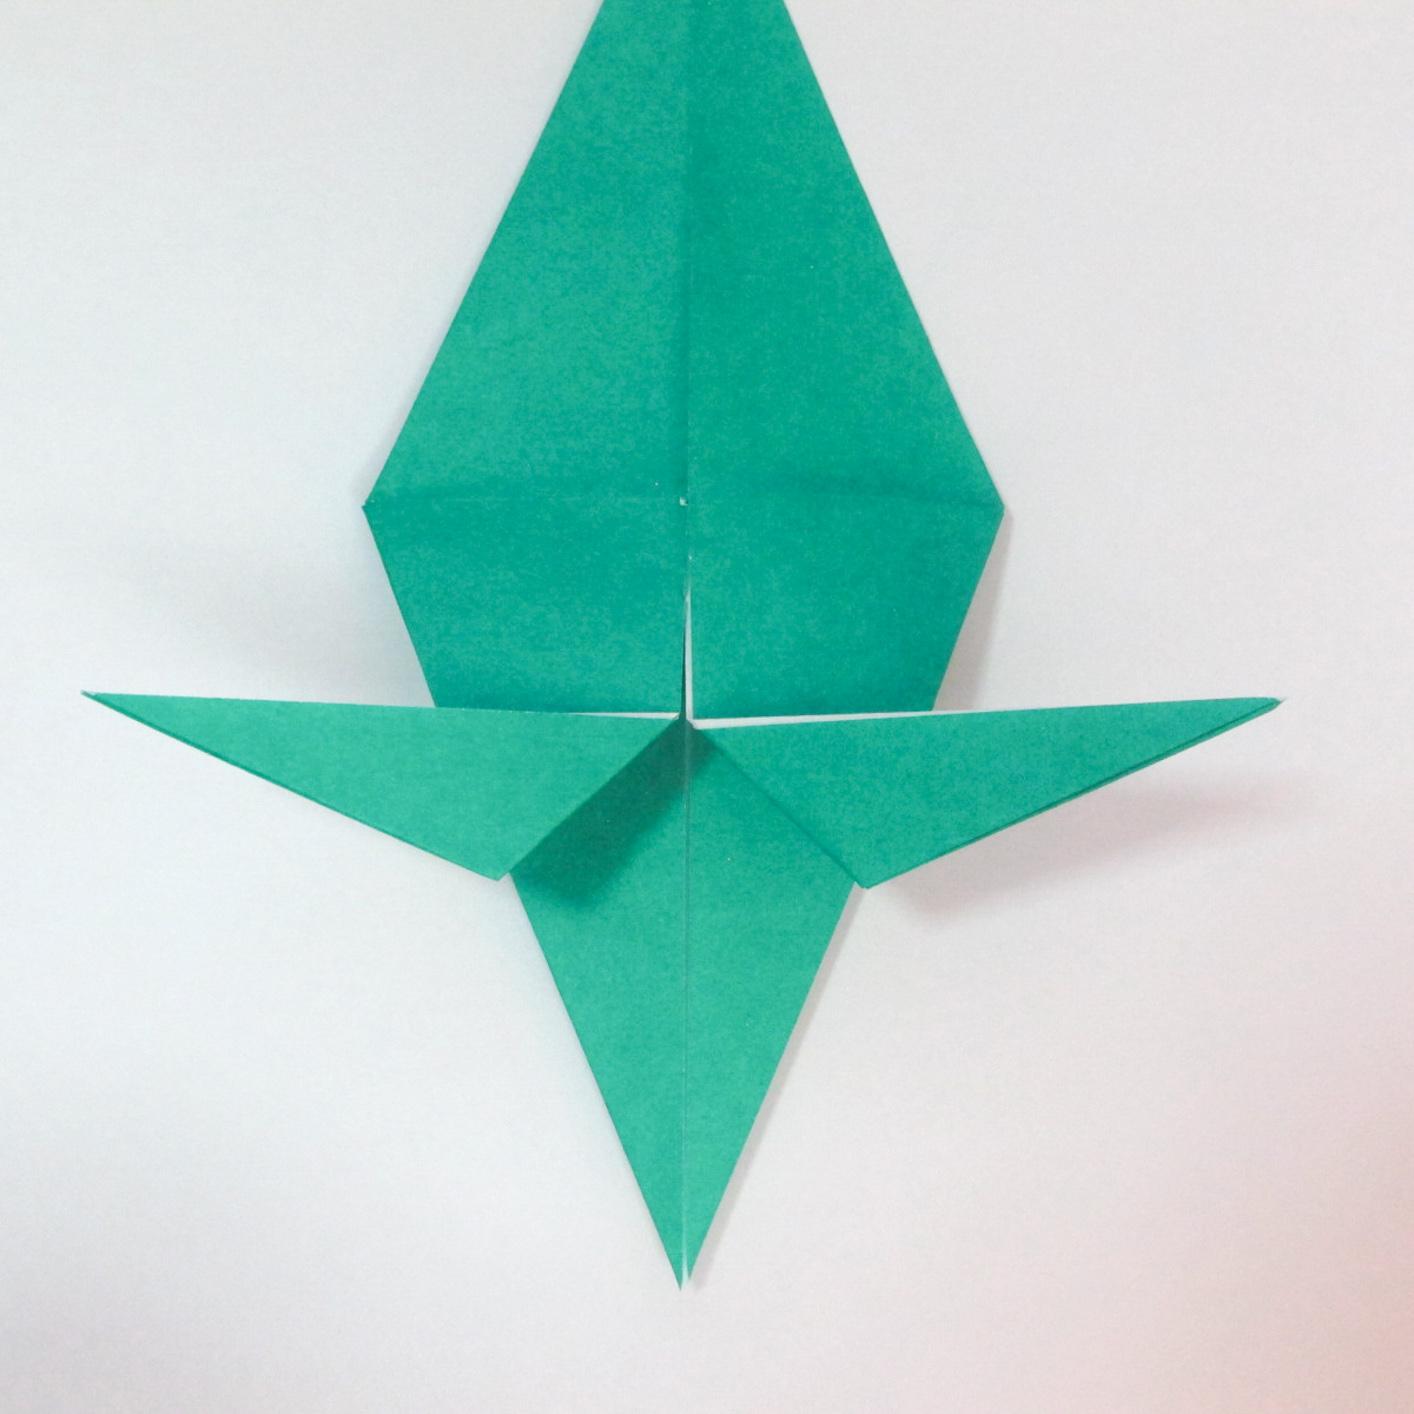 สอนวิธีการพับกระดาษเป็นรูปปลาฉลาม (Origami Shark) 023